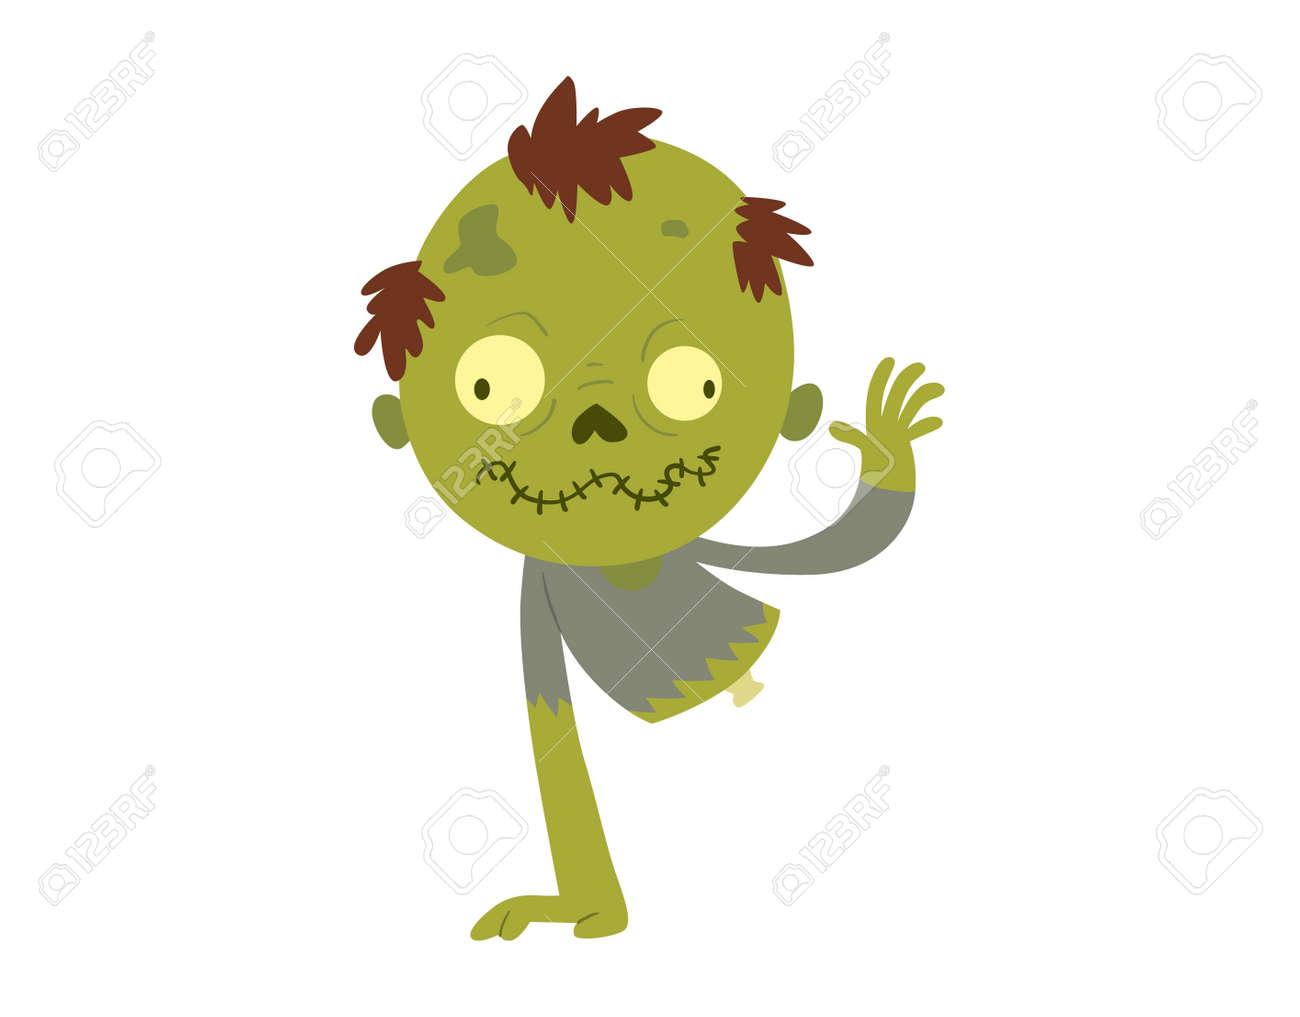 Bunte Zombie Unheimlich Cartoon-Figur Und Magie Menschen Körperteil ...